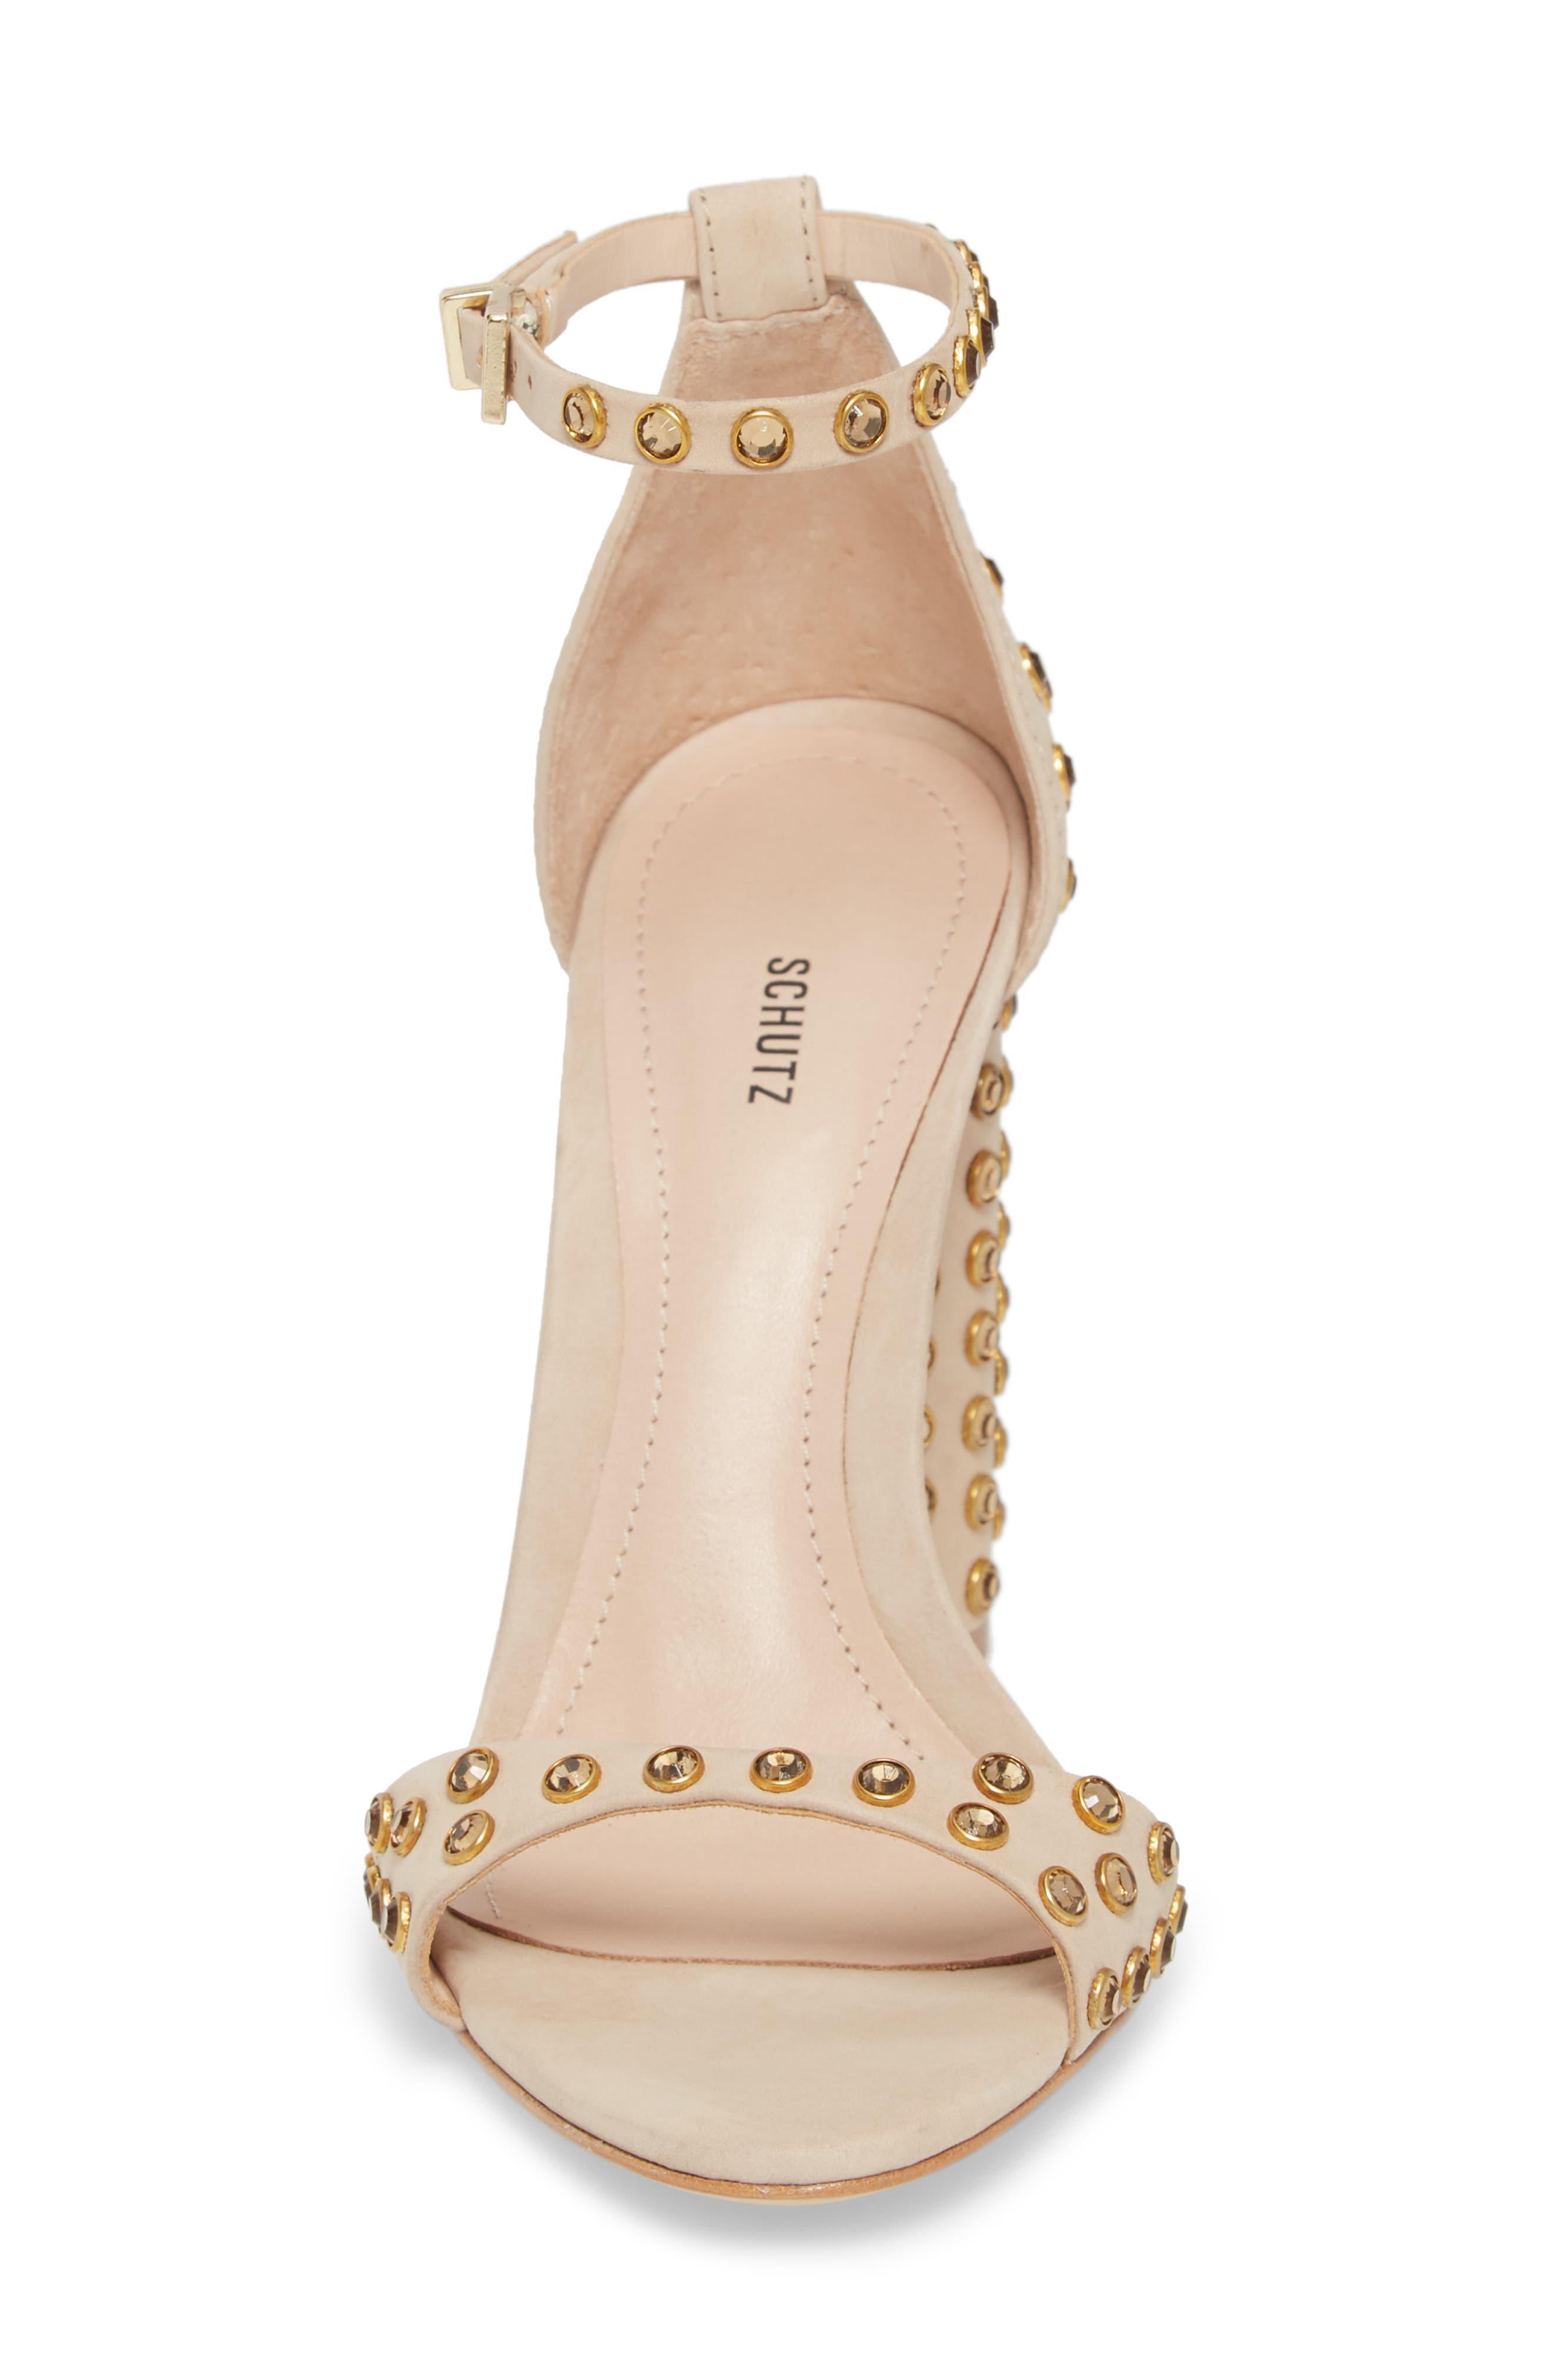 SCHUTZ,                             Marcelle Ankle Strap Sandal,                             Alternate thumbnail 4, color,                             015